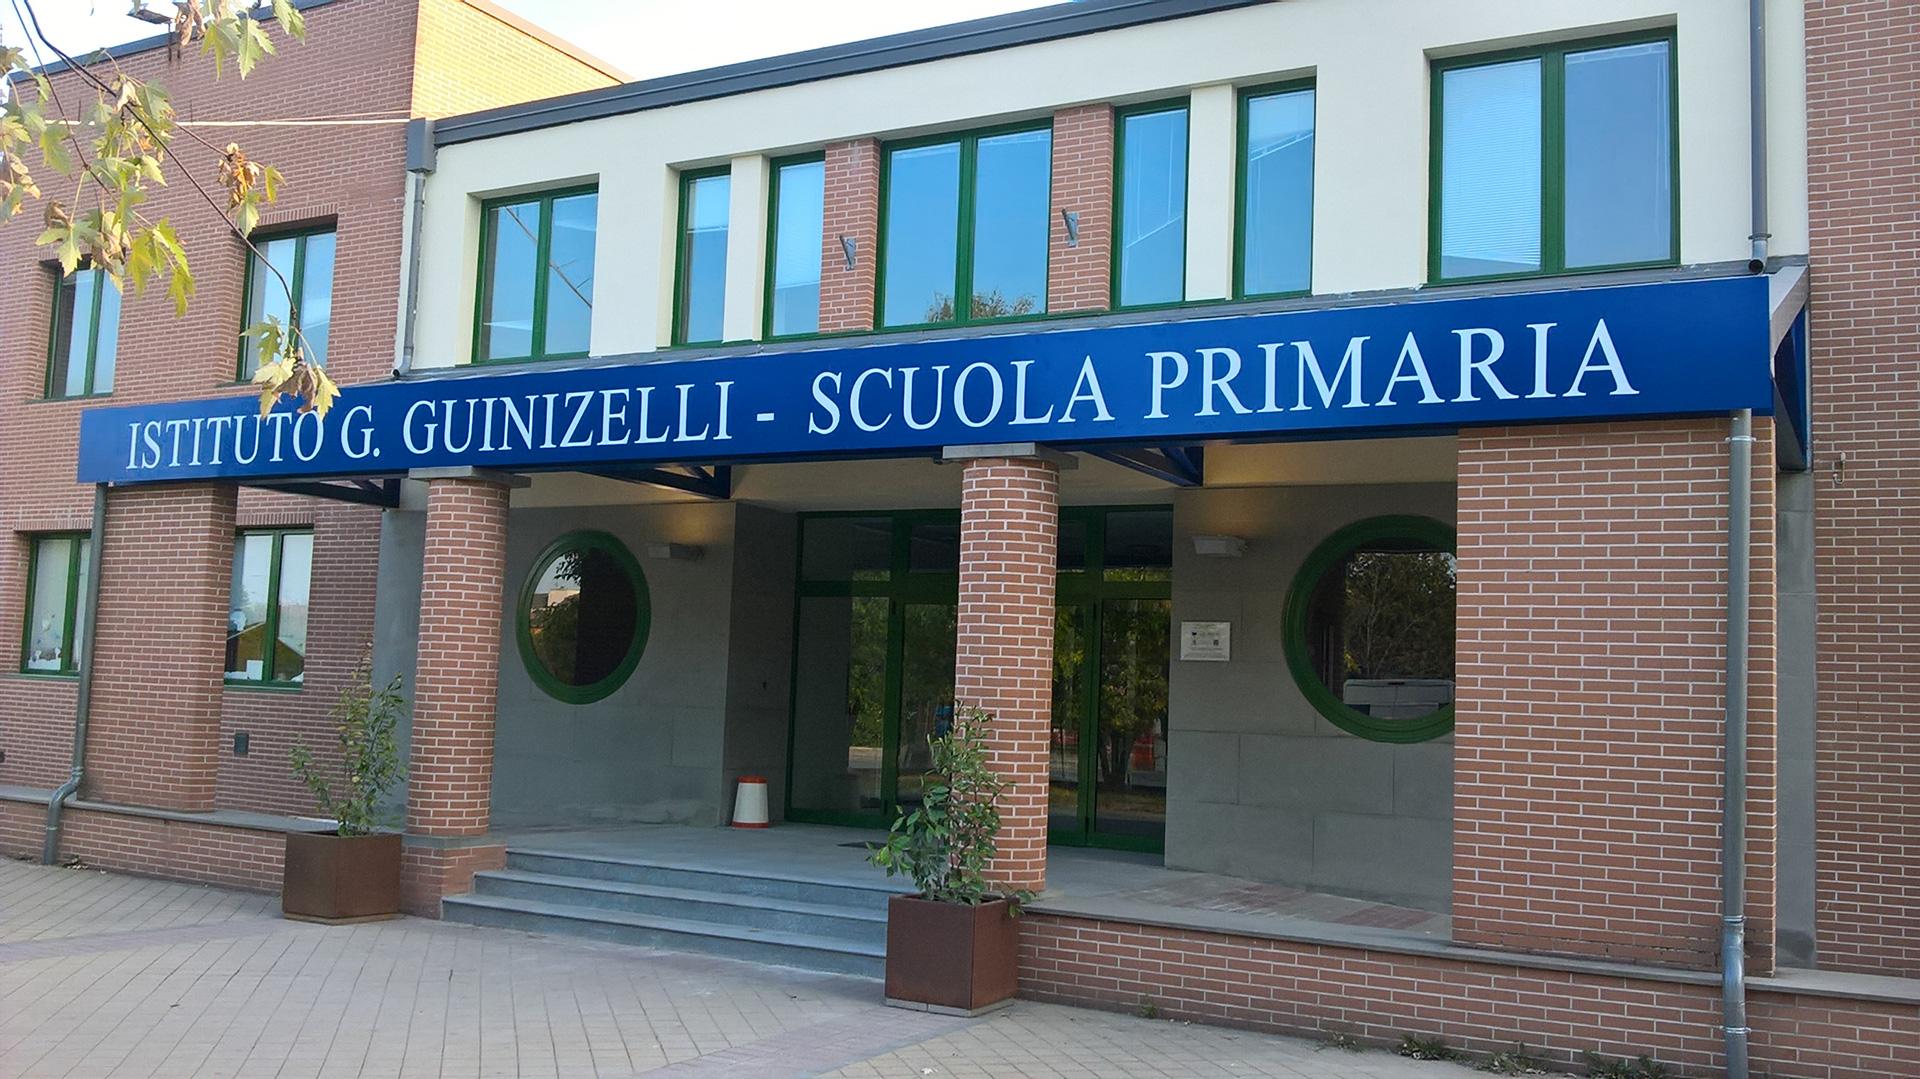 Insegne Led Scuola Panneli In Alluminio Sericart2